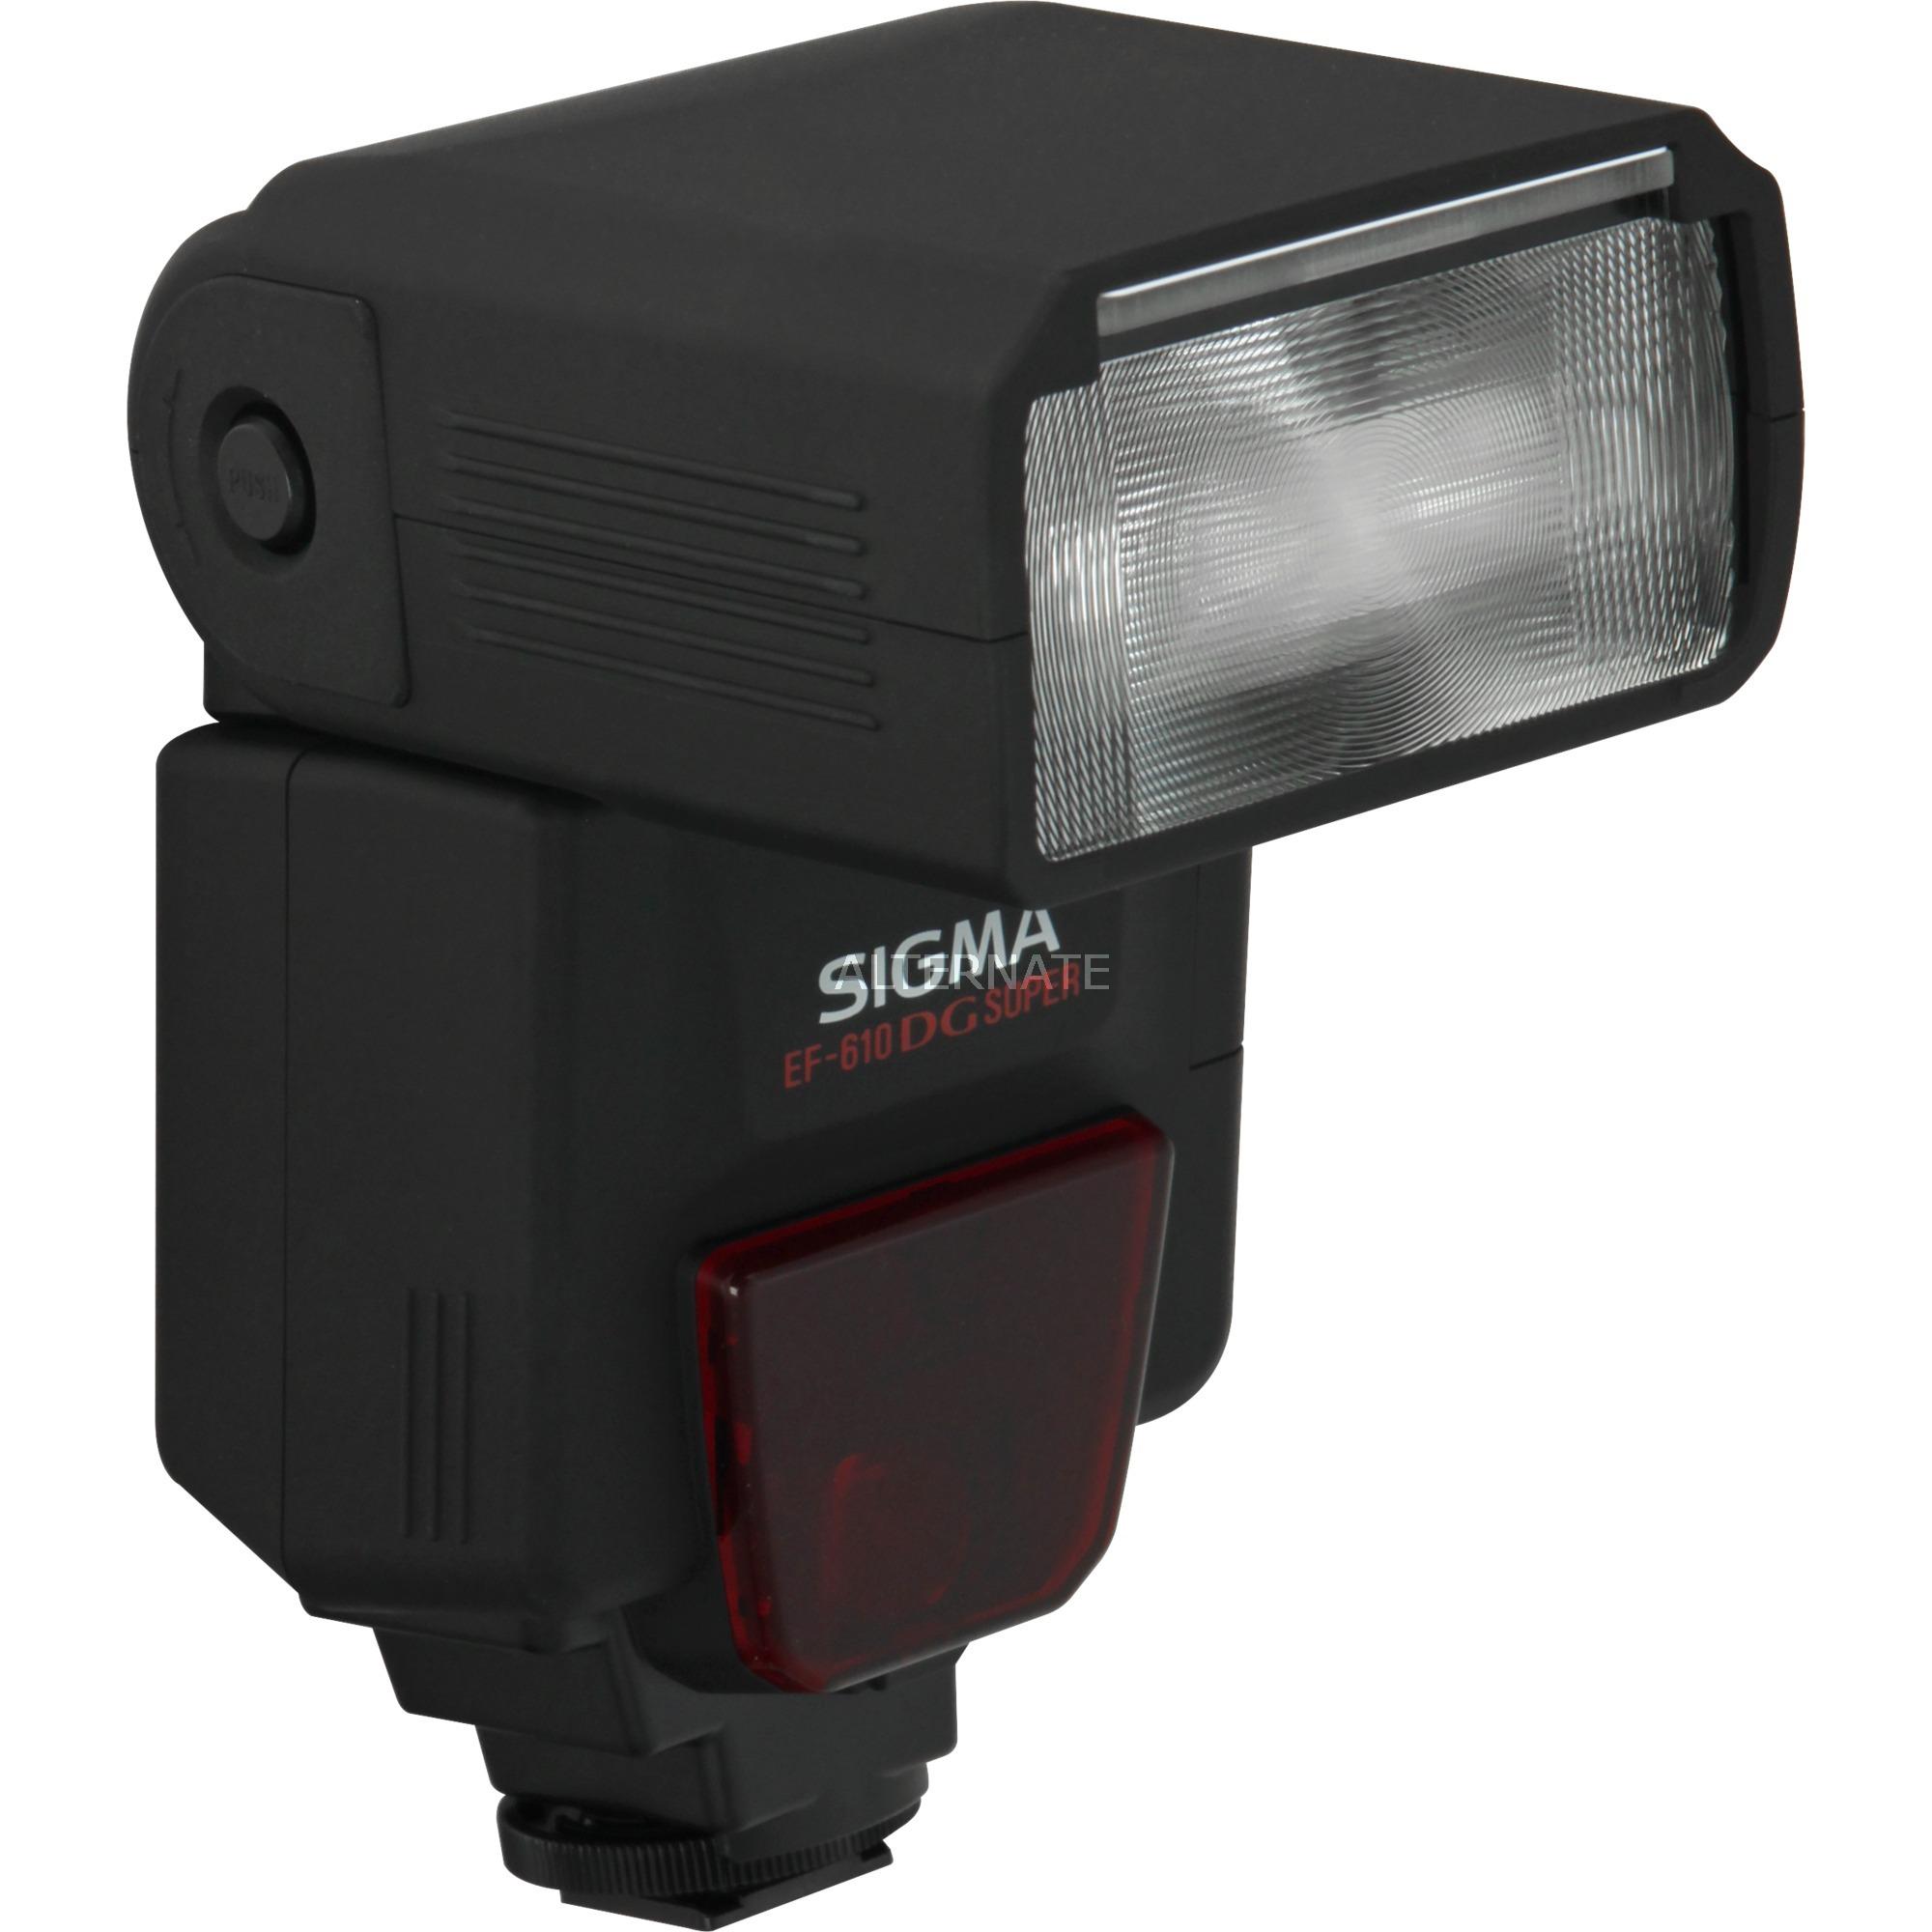 EF-610 DG Super Flash esclavo Negro, Unidad de Flash